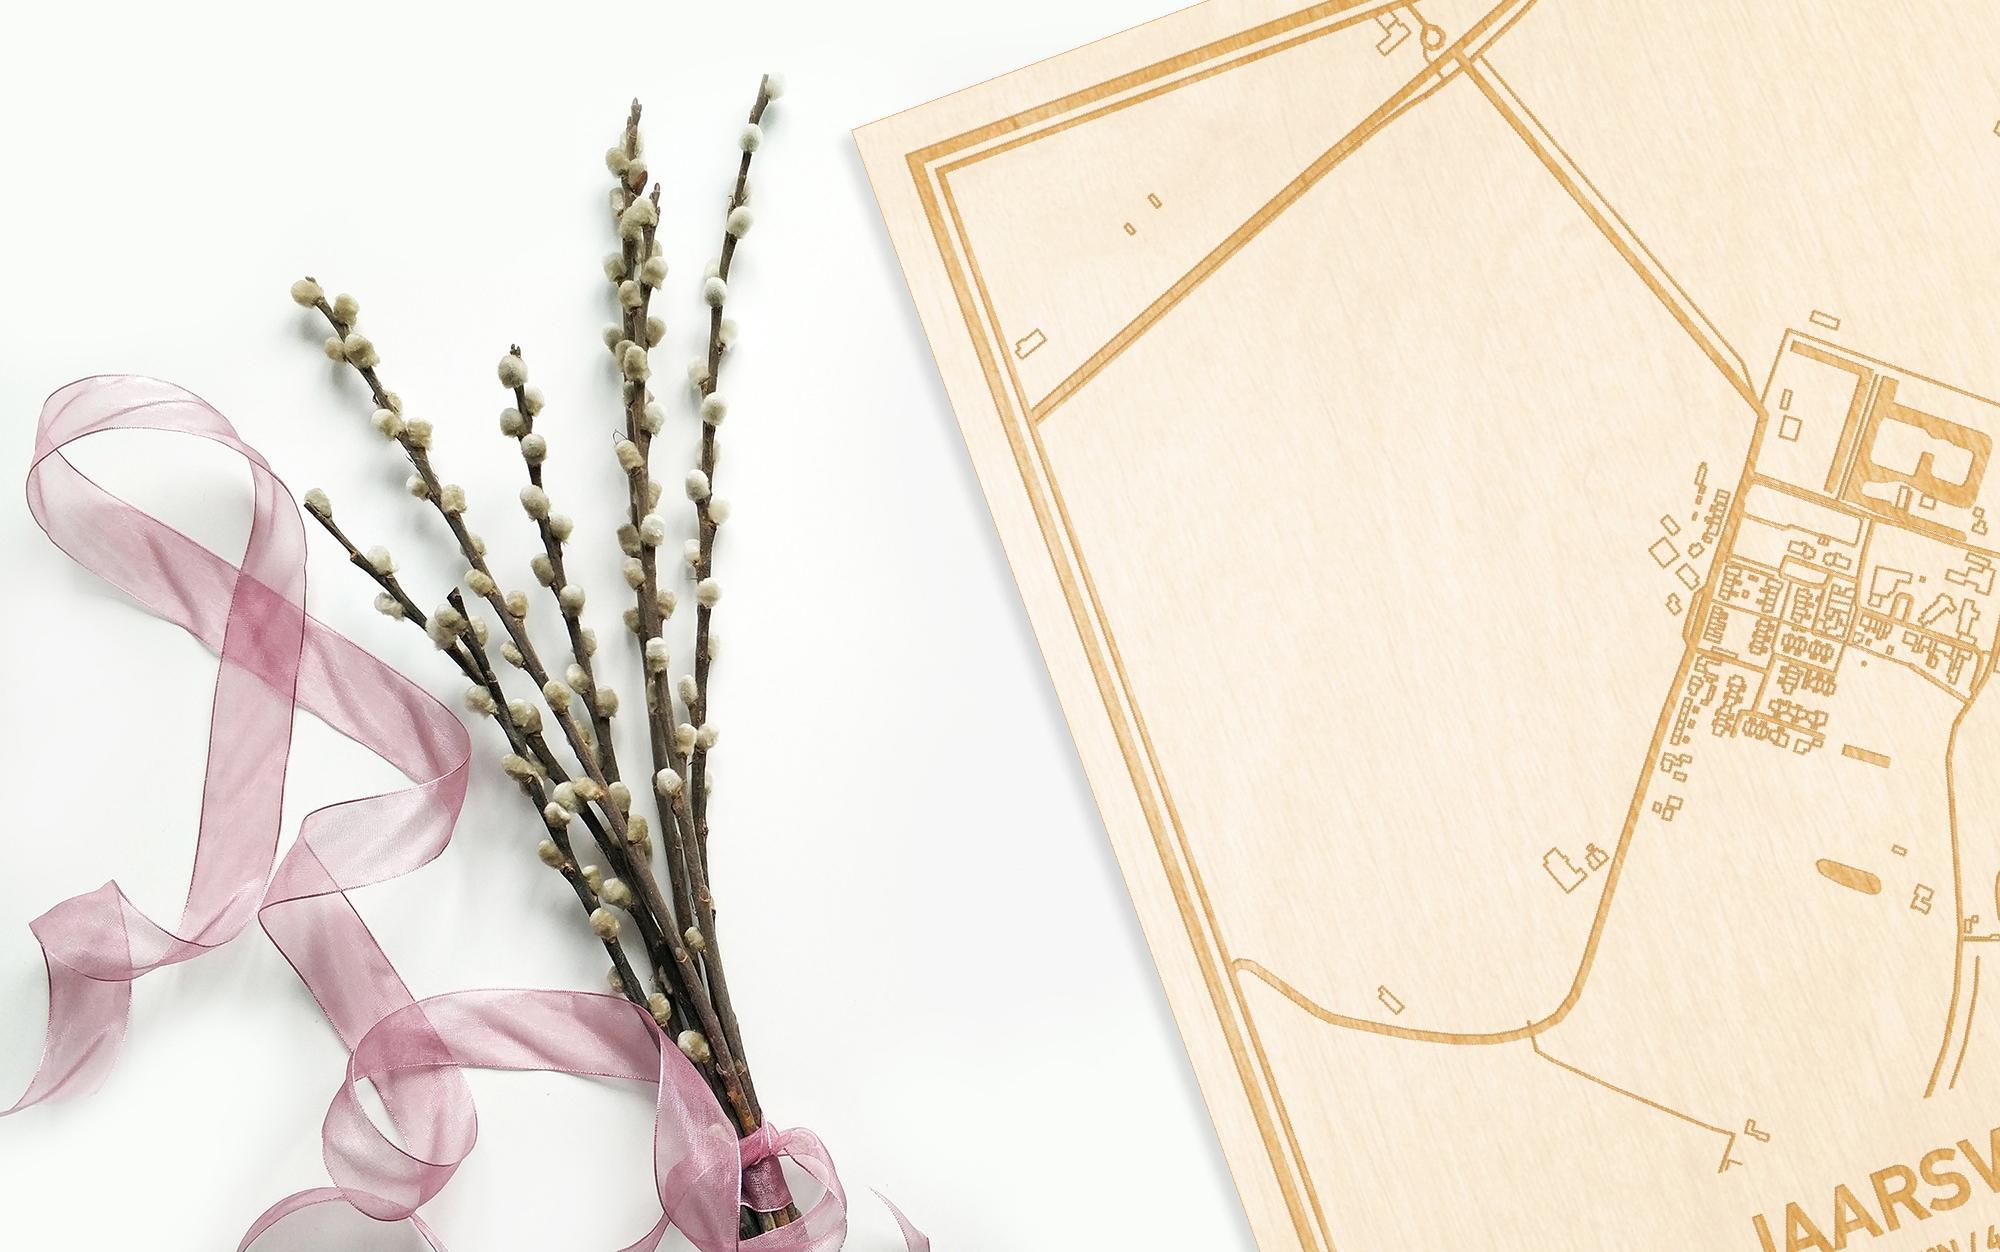 Hier ligt de houten plattegrond Jaarsveld naast een bloemetje als gepersonaliseerd cadeau voor haar.